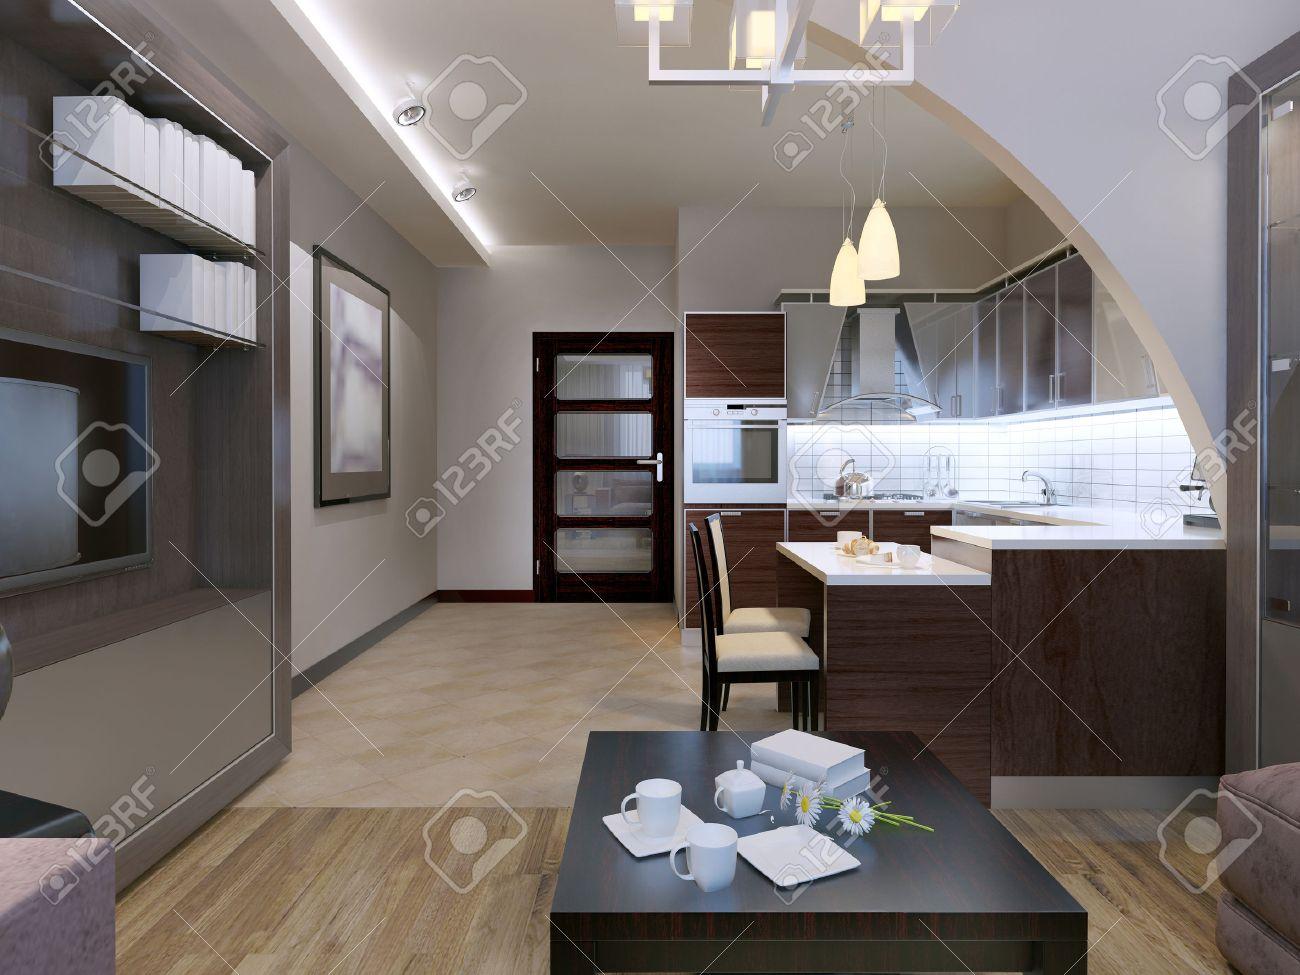 Moderne Studio Design. Küche Mit Aufenthaltsraum Getrennt Mit ...